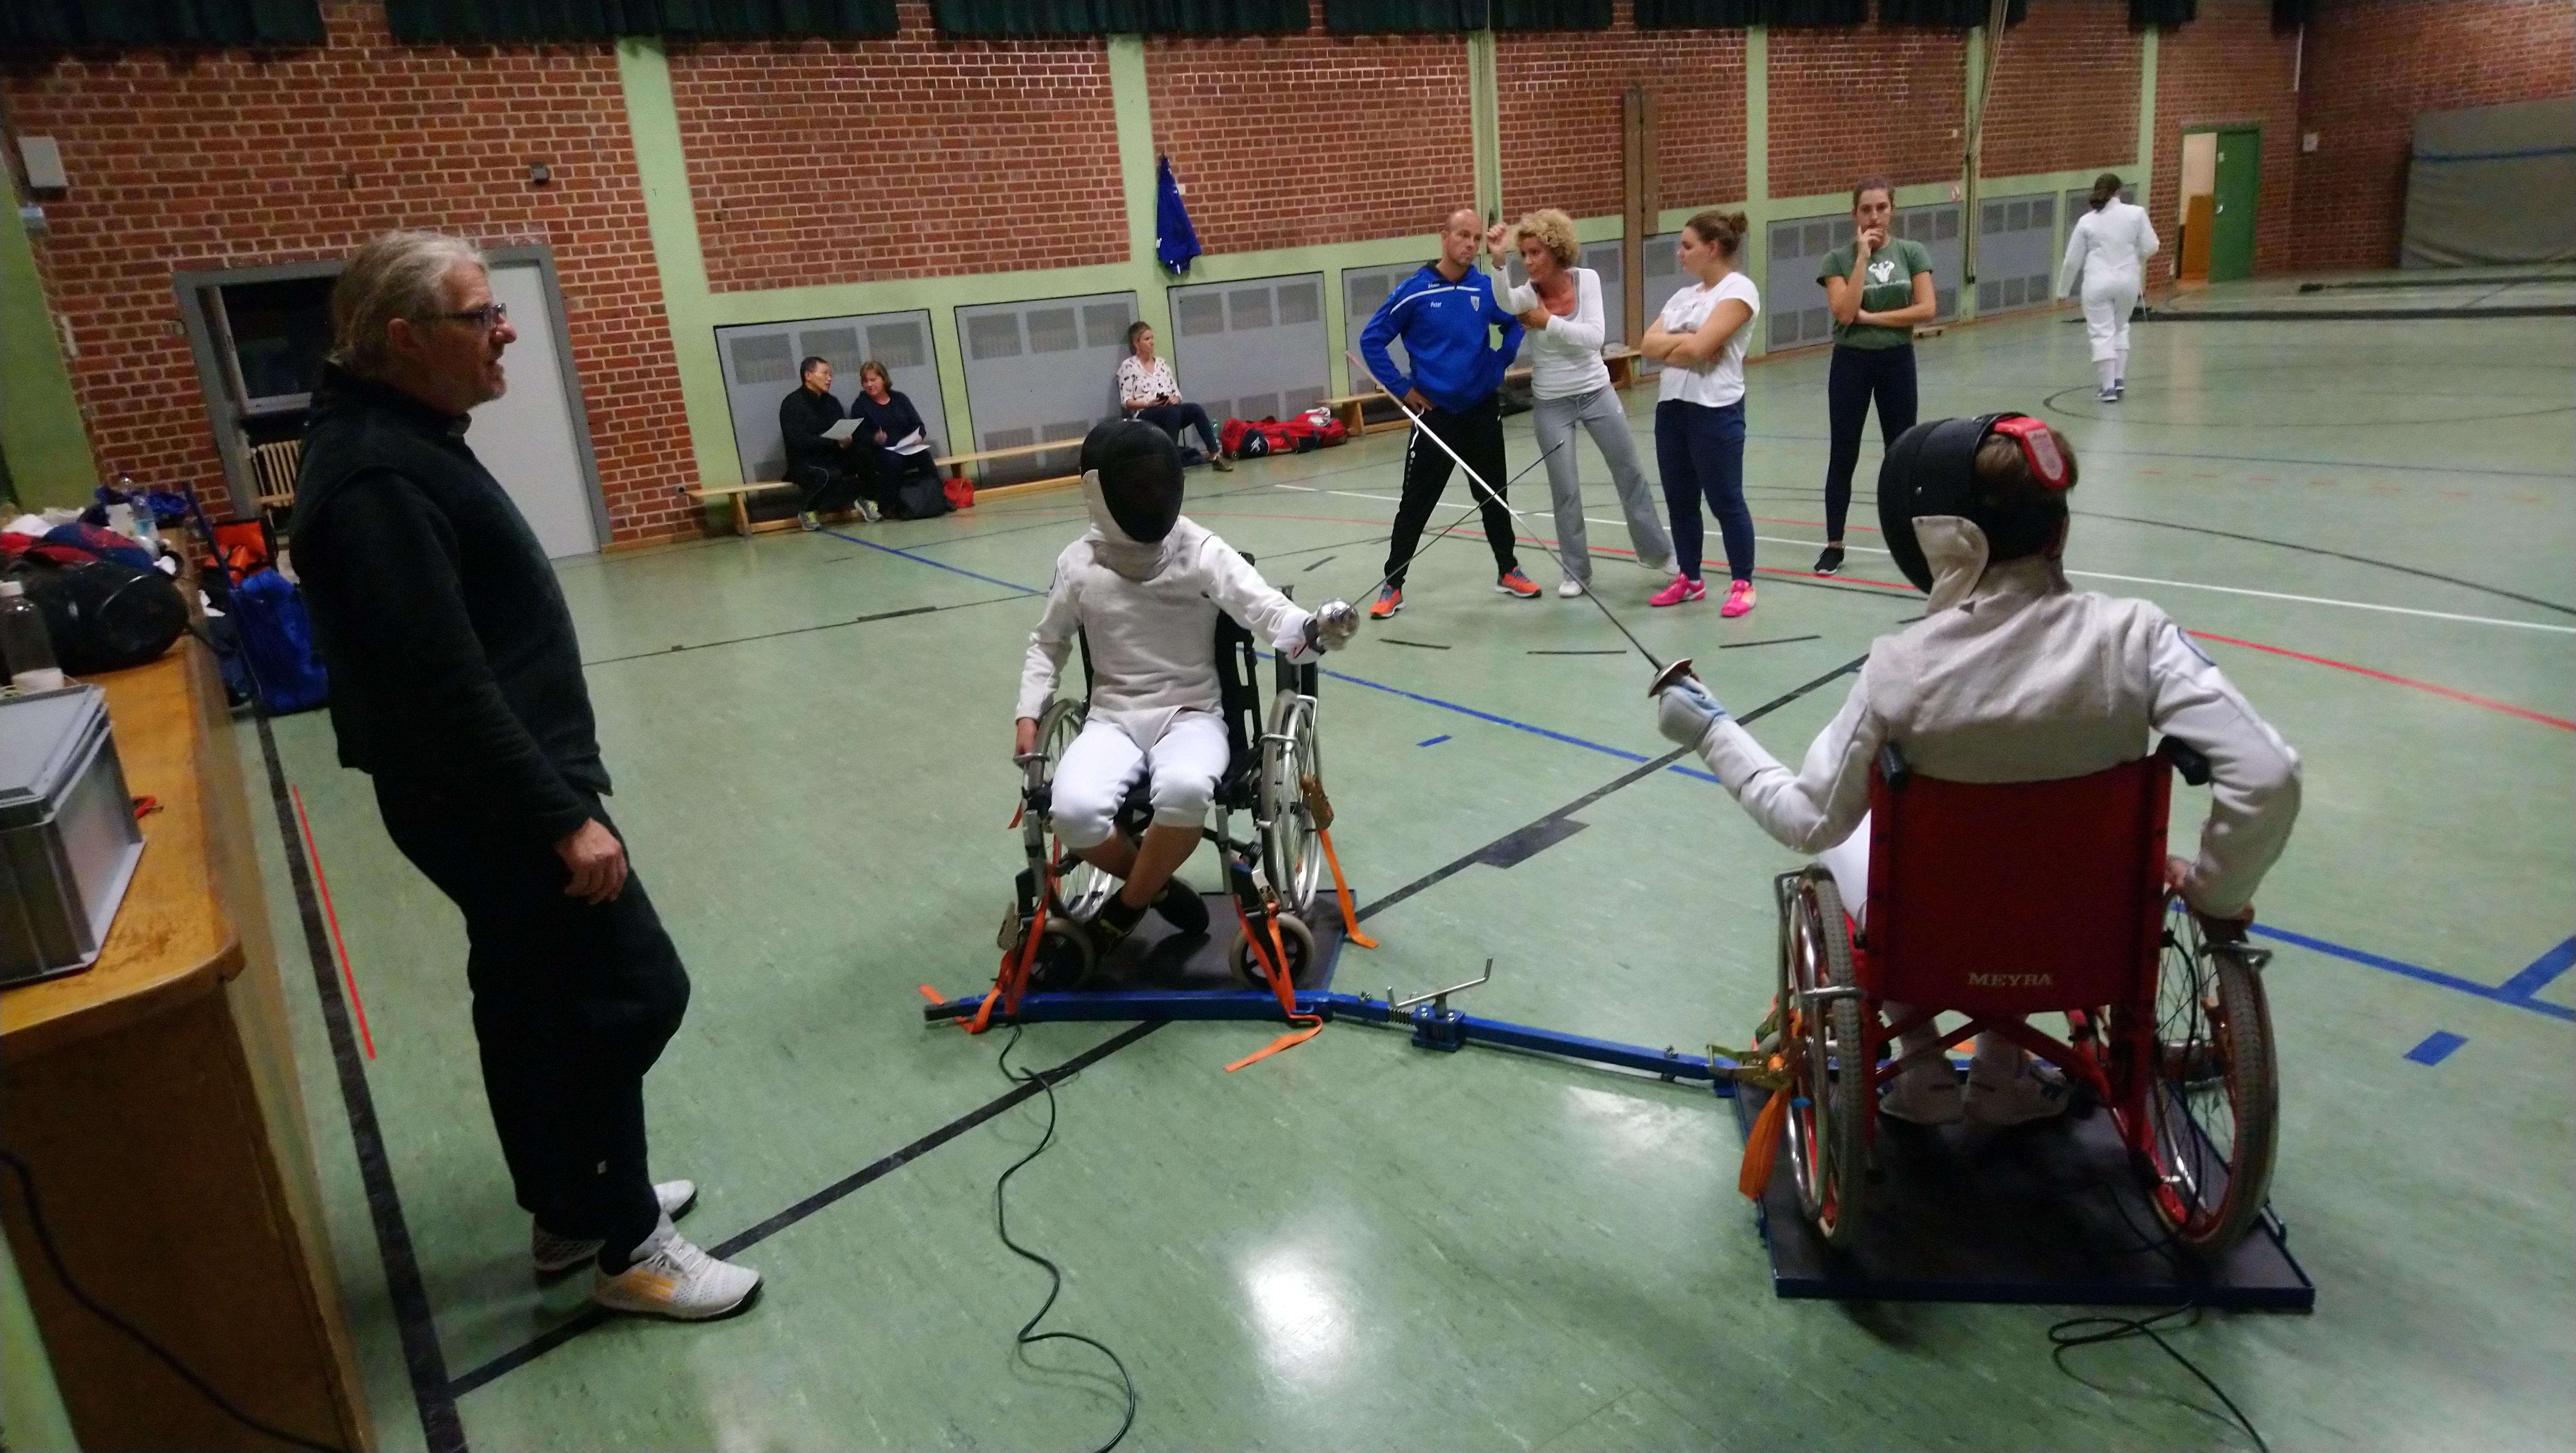 Dominik Nagel, Trainer beim Fechtclub Gröbenzell leitet ein Rollstuhlgefecht.